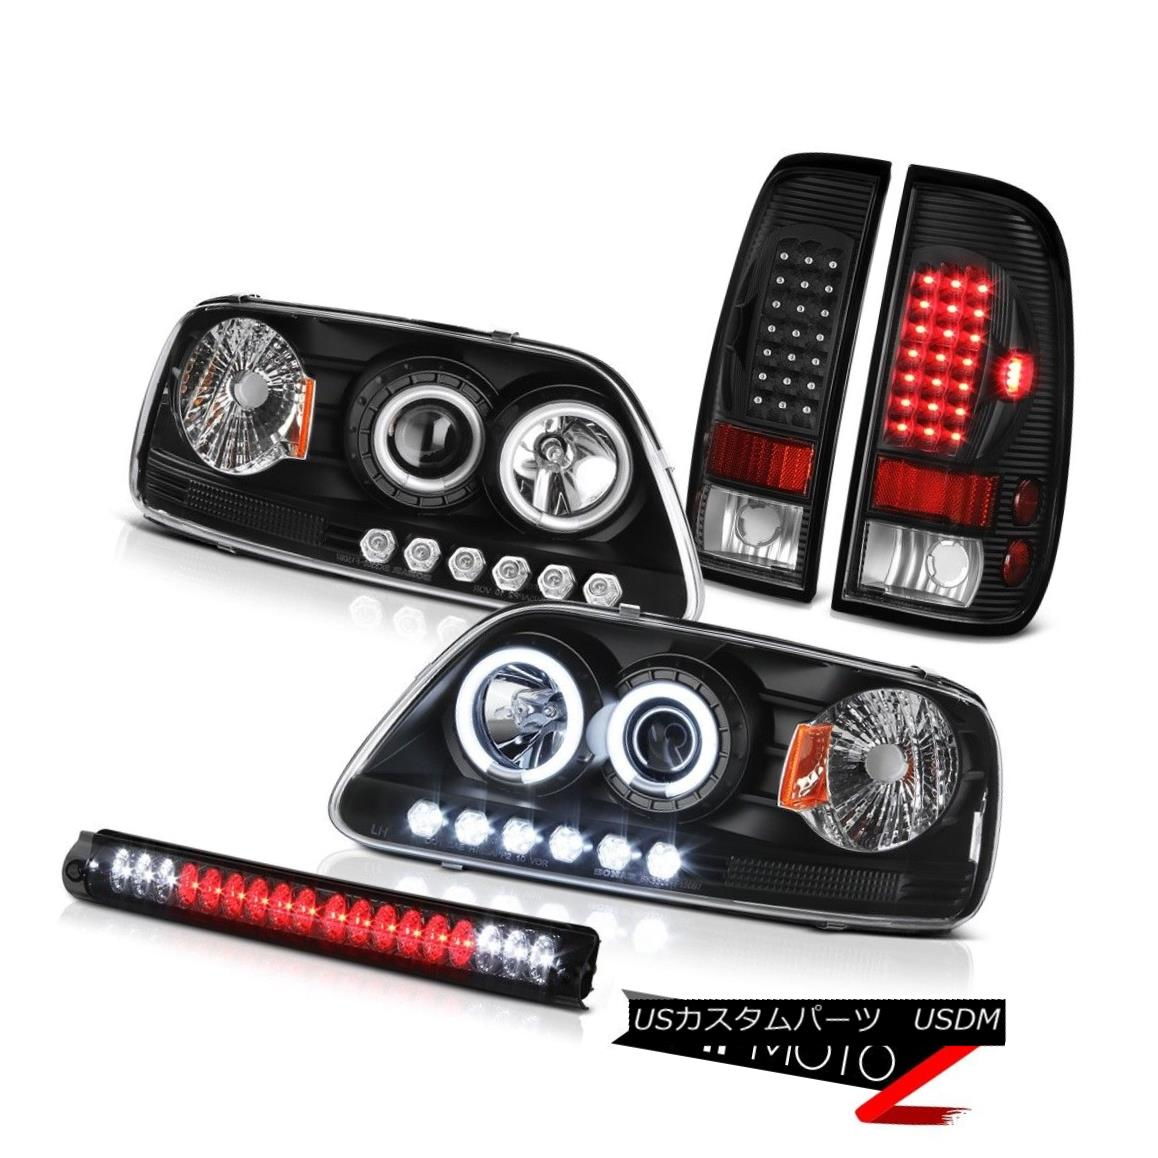 テールライト Devil CCFL Halo Ring Headlight 97 98 F150 Lariat Black Brake Tail Light Lamp LED 悪魔CCFL Haloリングヘッドライト97 98 F150 LariatブラックブレーキテールライトランプLED